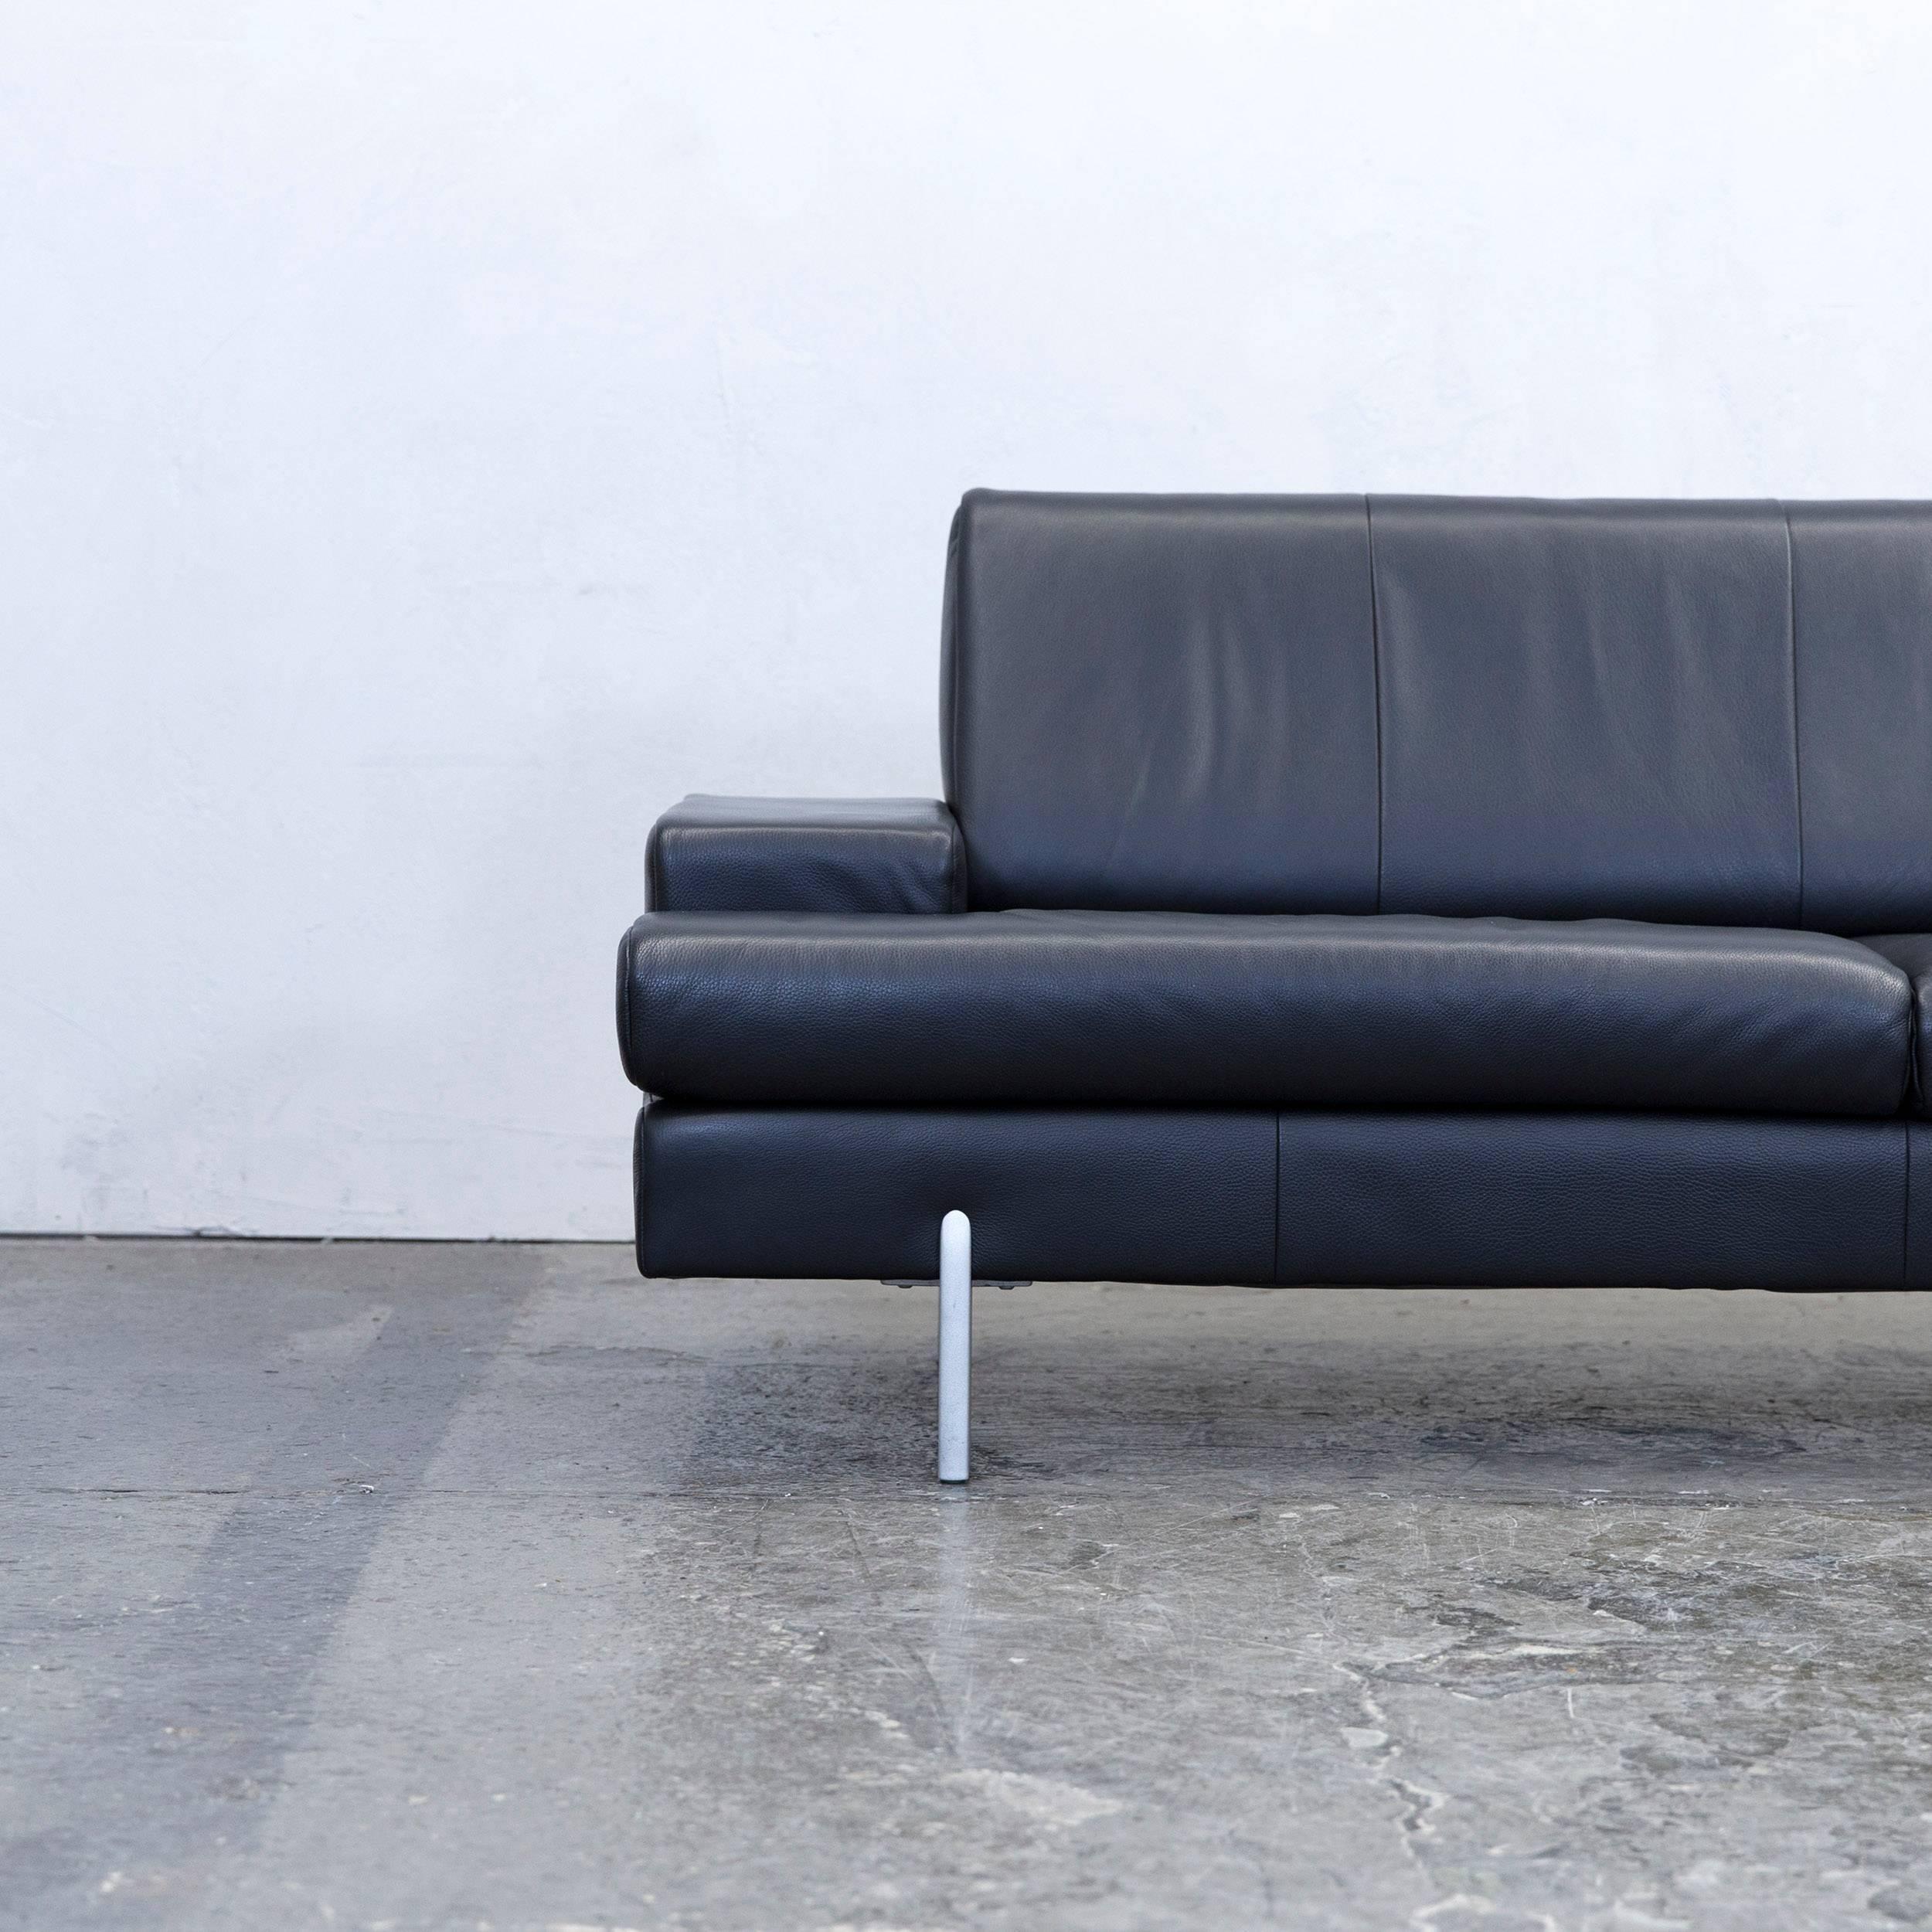 schlafsofa aus leder fabulous schlafsofa leder schwarz. Black Bedroom Furniture Sets. Home Design Ideas